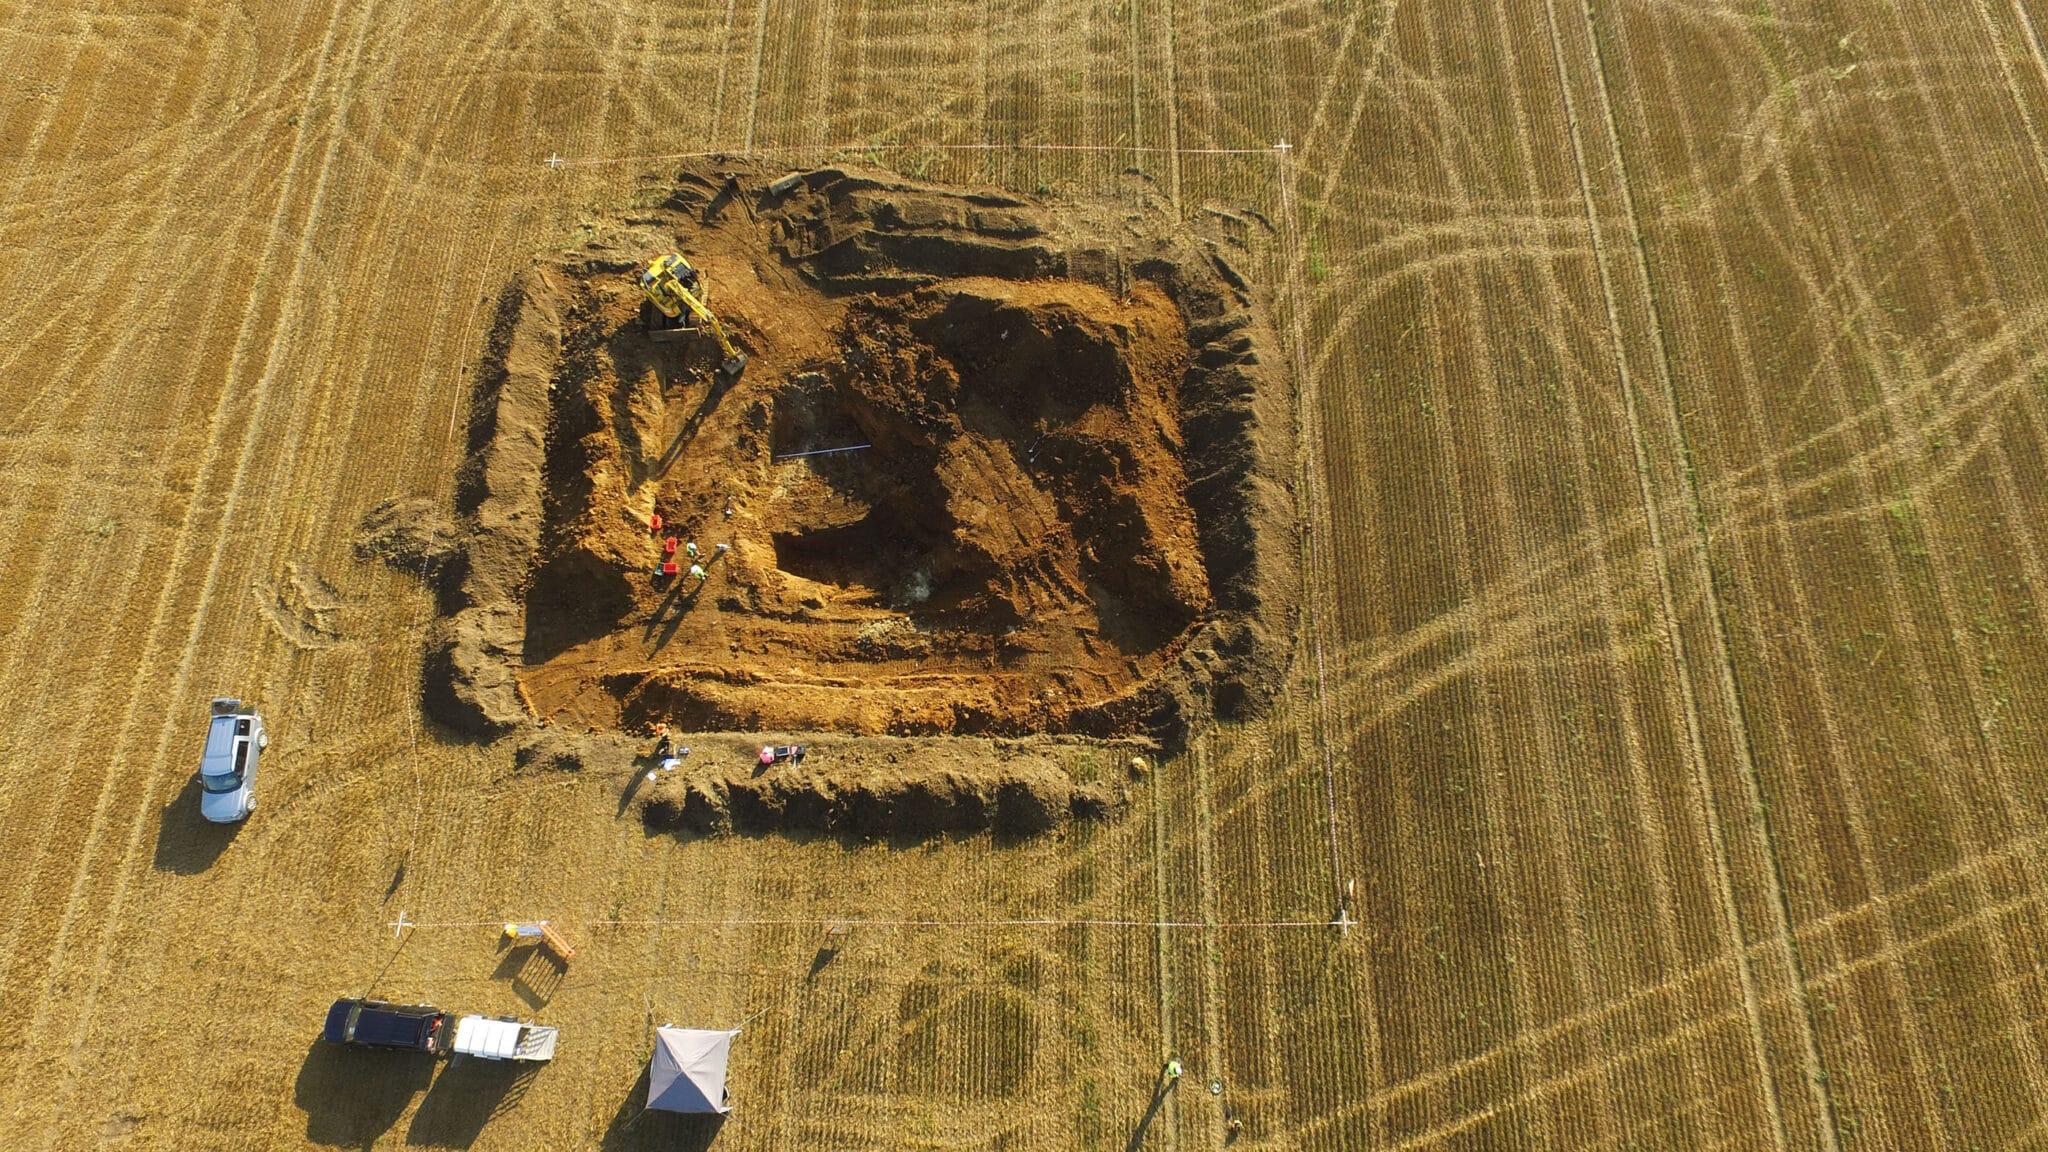 I lavori archeologici che hanno portato al ritrovamento dei pezzi del missile V2. Crediti: Colin Welch